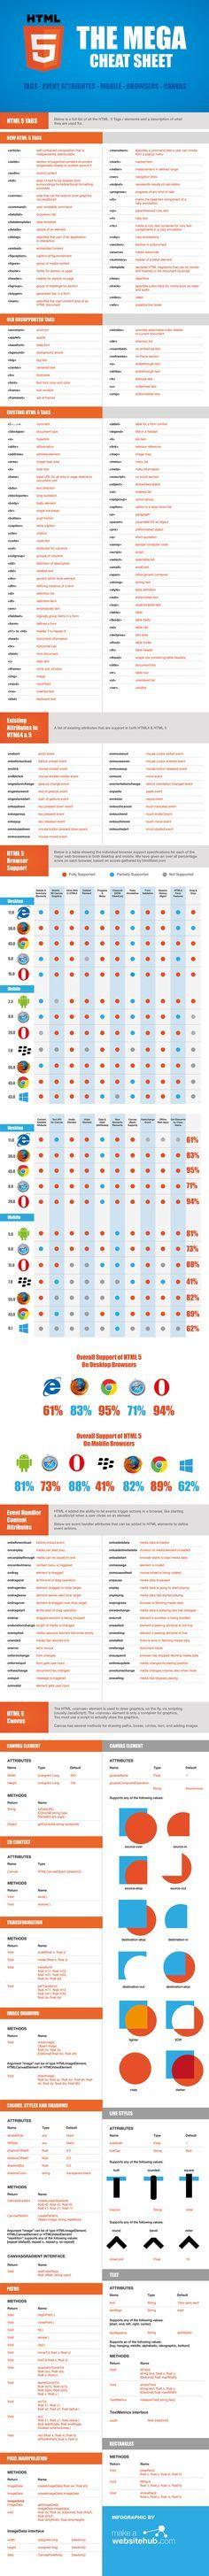 Cheat-Sheet für HTML5-Entwickler. (Grafik: MakeAWebsiteHub.com )…